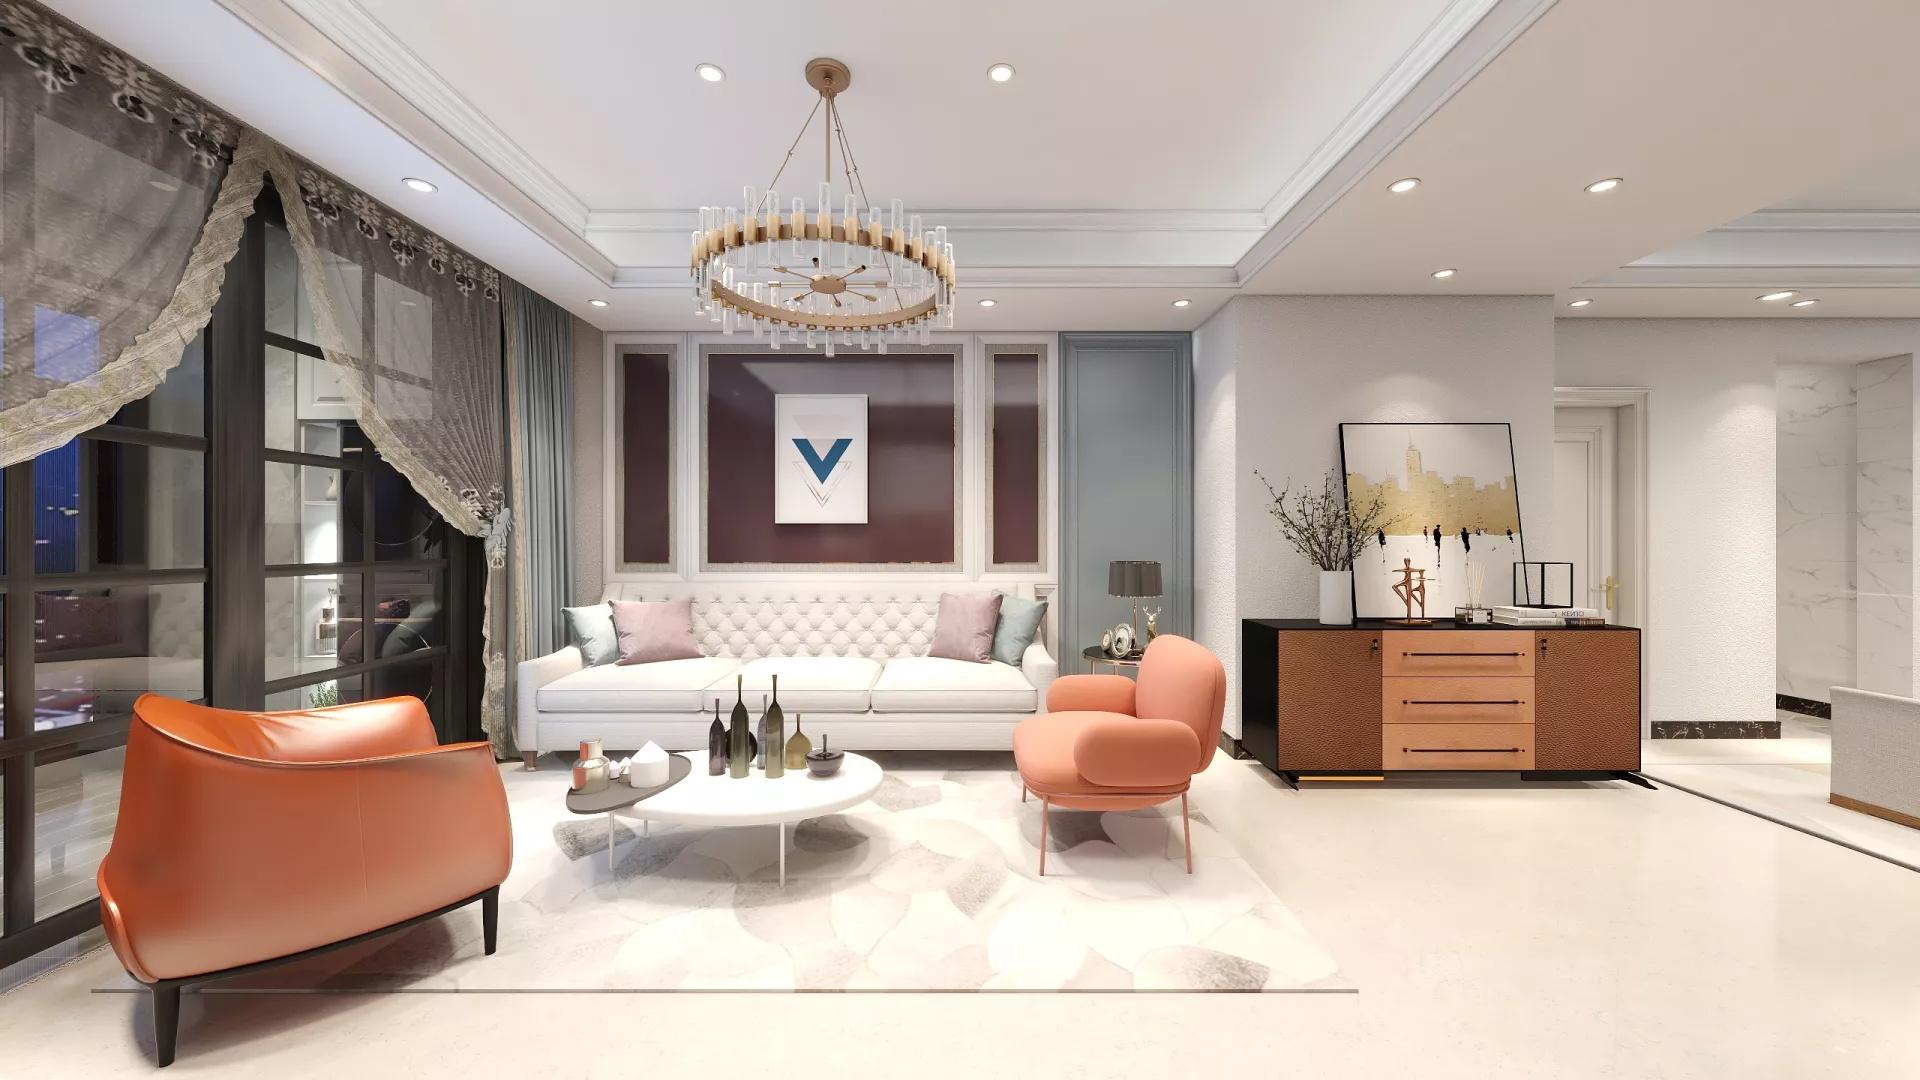 简洁暖色调风格客厅装修效果图